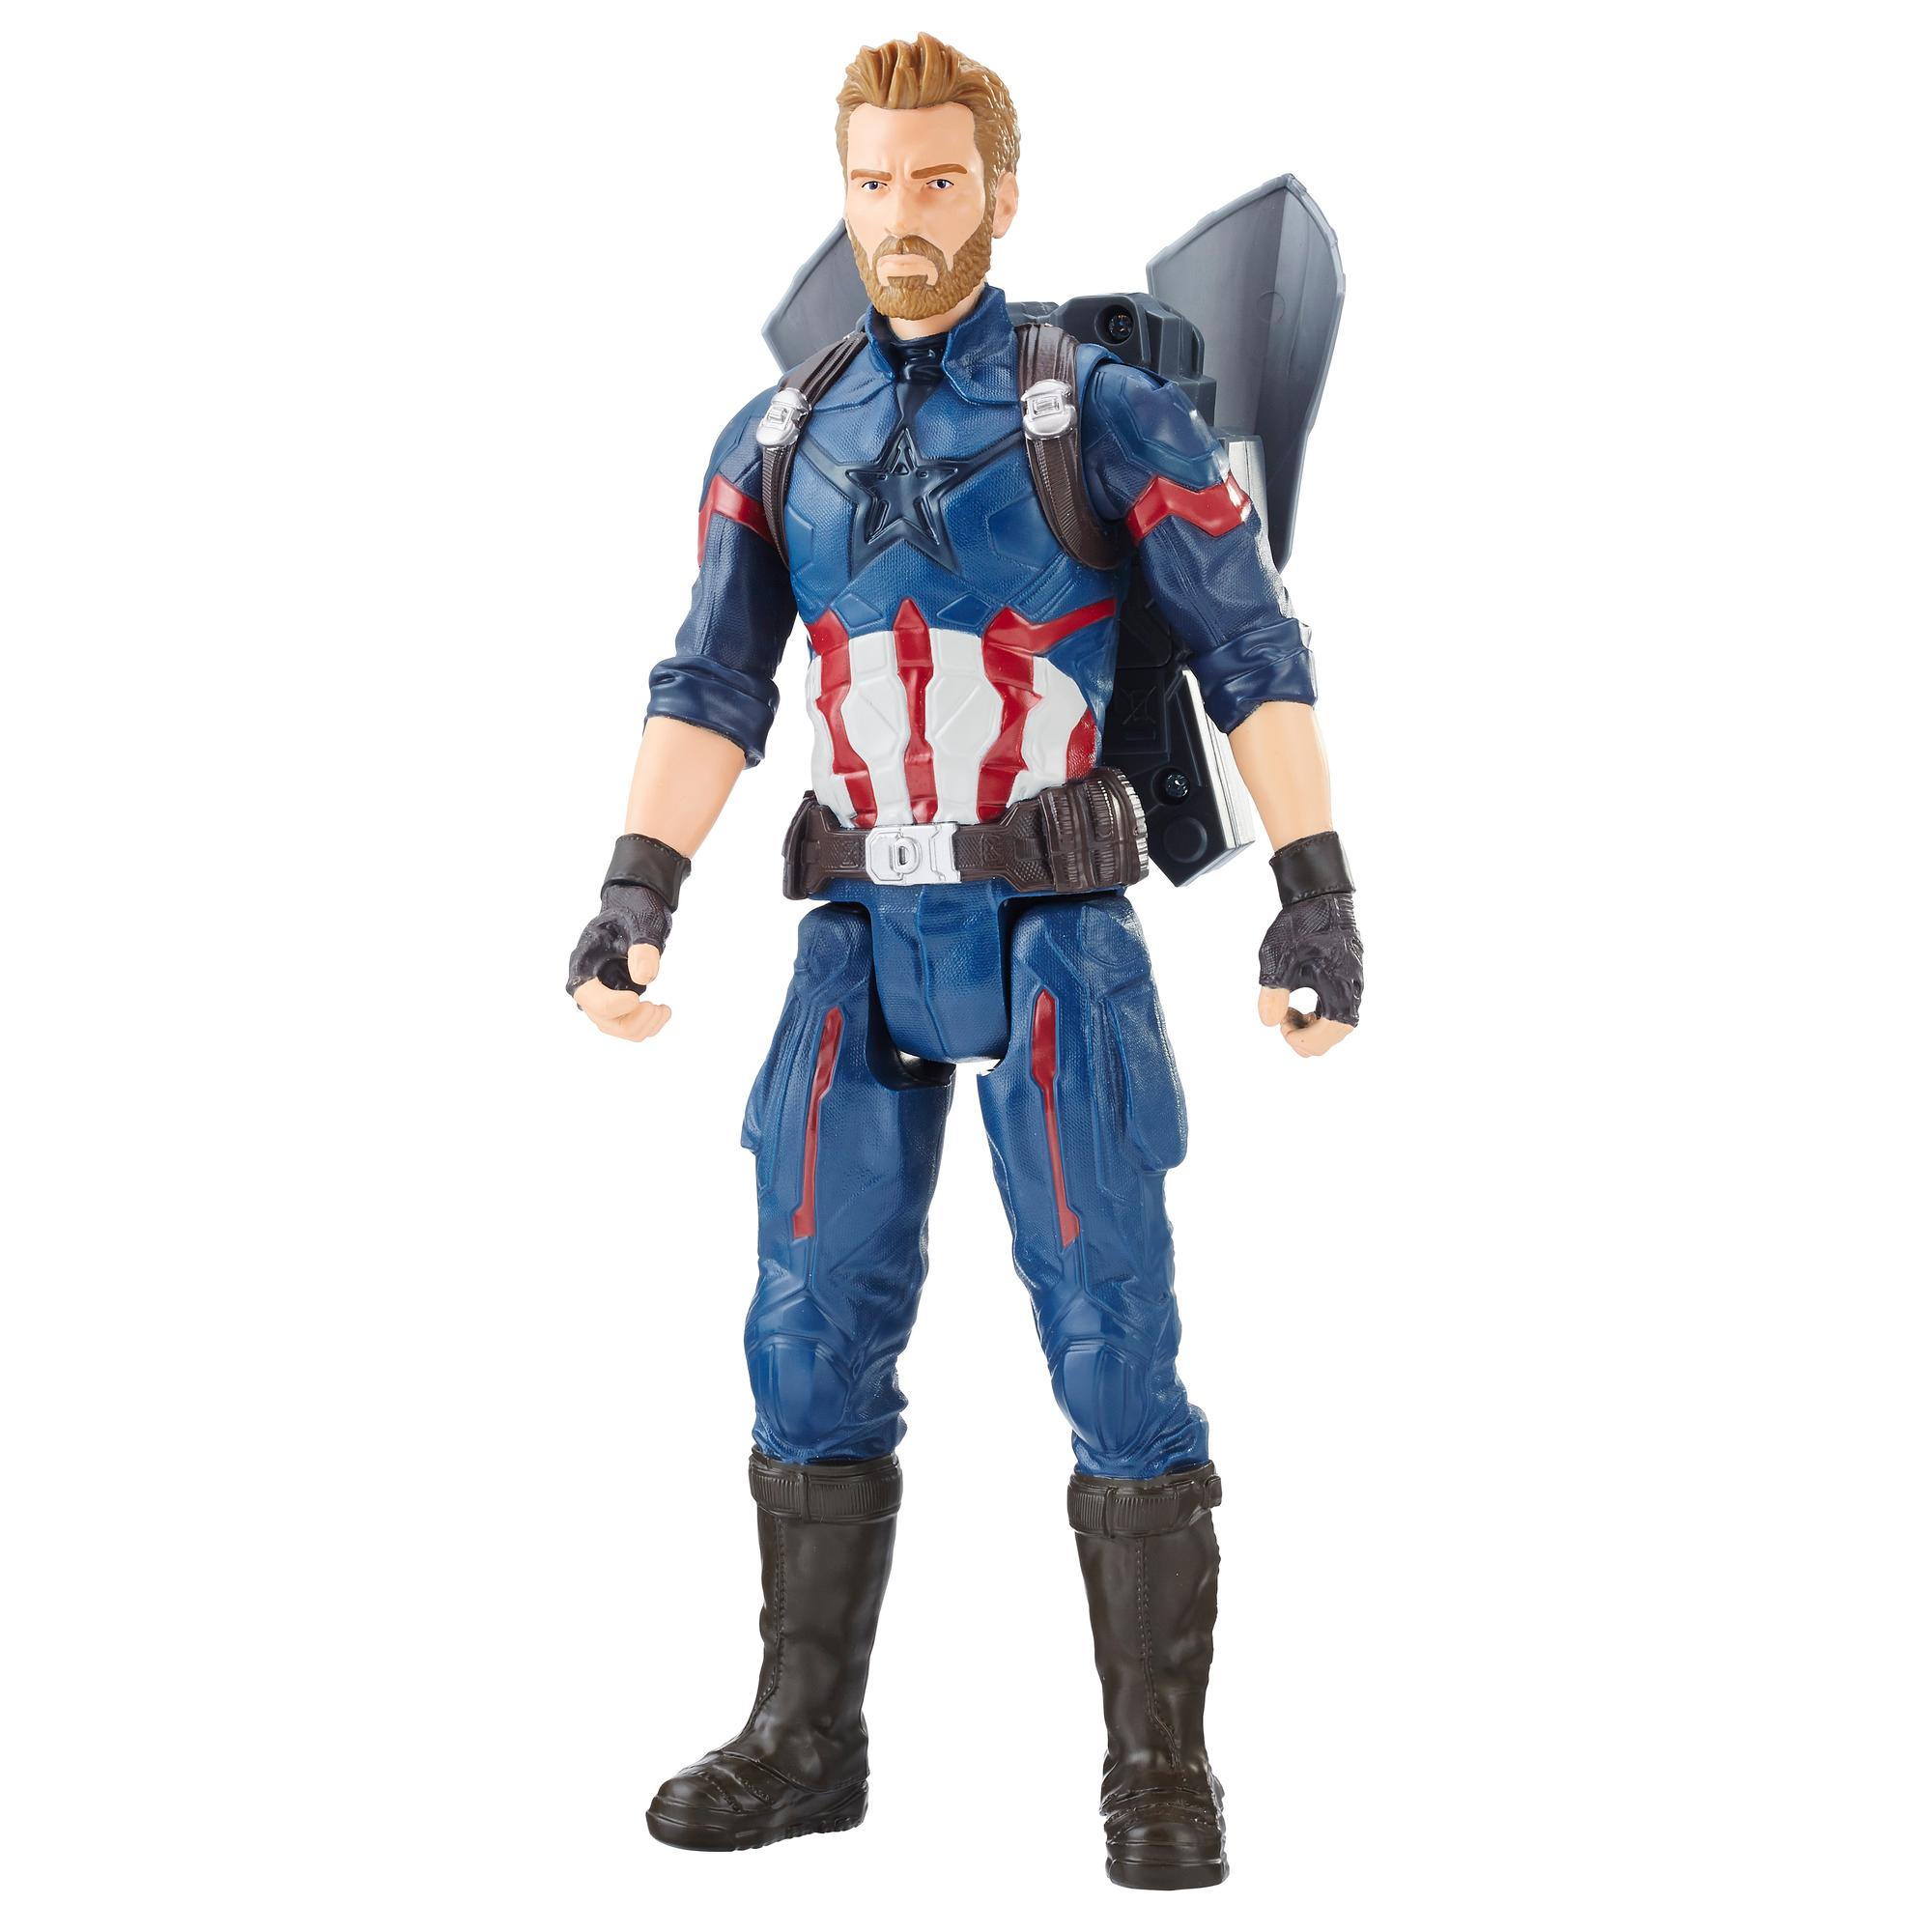 Marvel Avengers: Infinity War Titan Hero Power FX Captain America